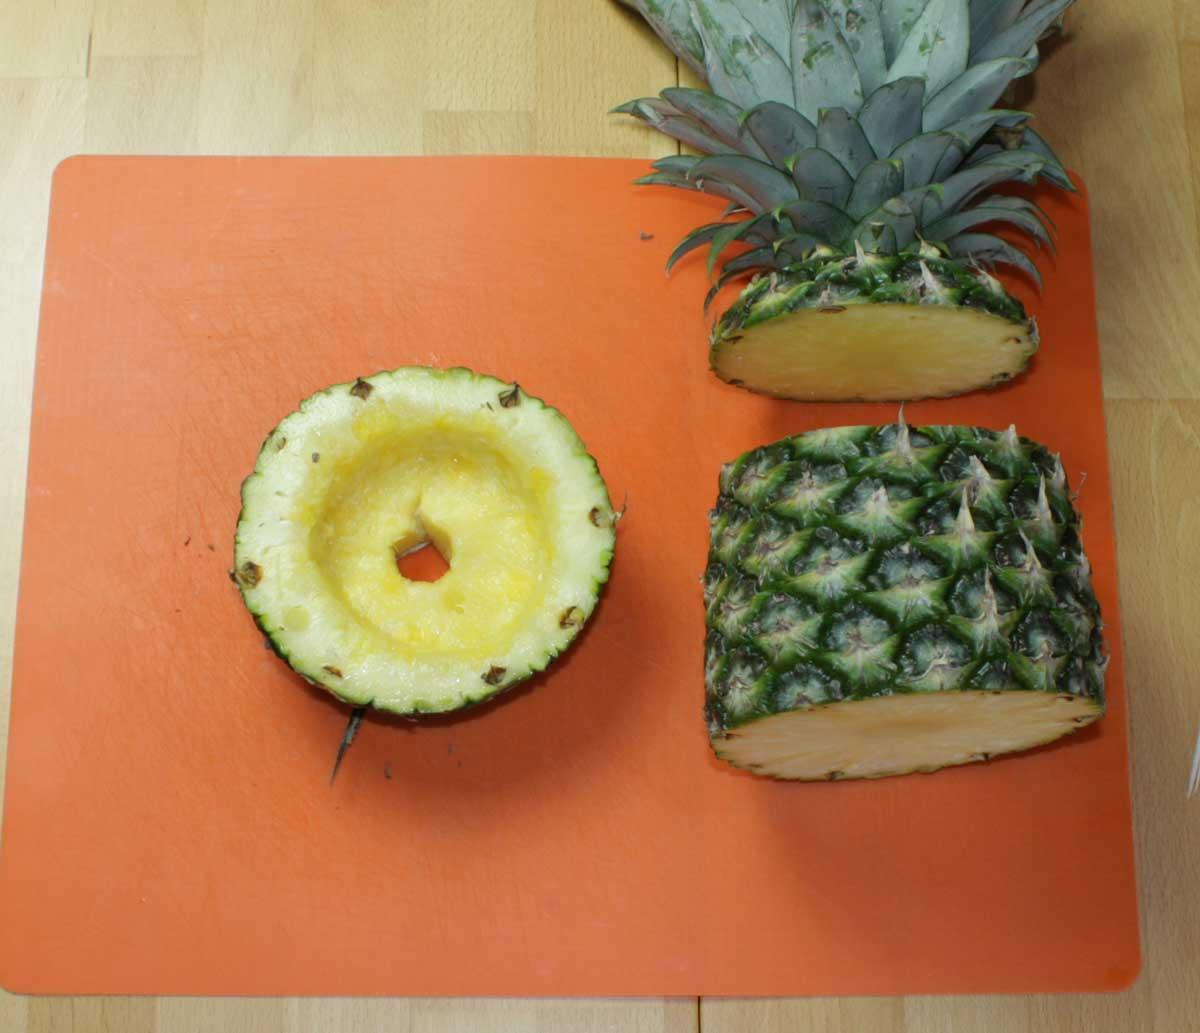 Loch in den Fruchtkopf schneiden